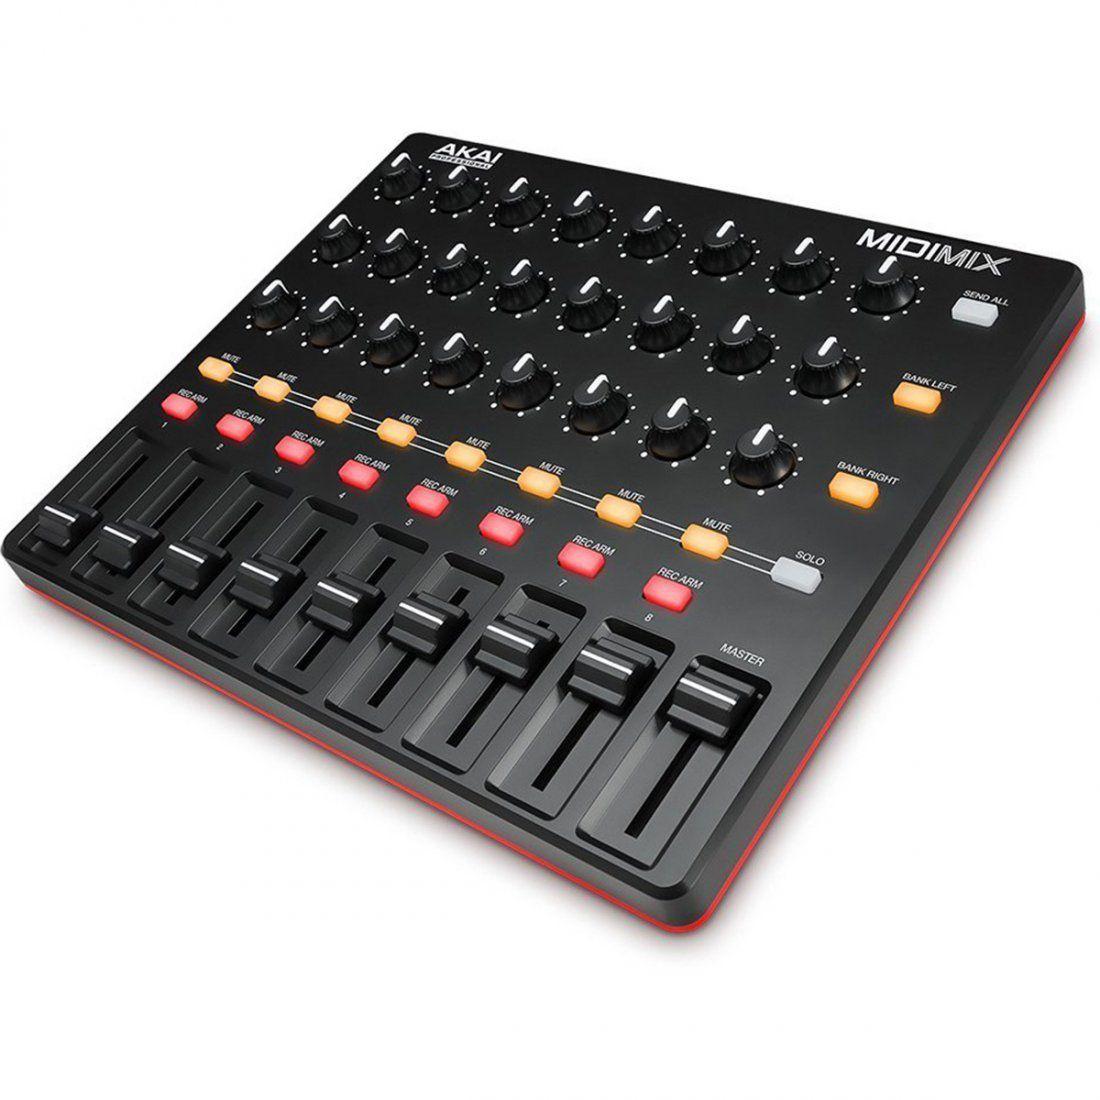 Akai MidiMix Controladora Produção Musical Midi Mix Mixer Daw Ableton Live